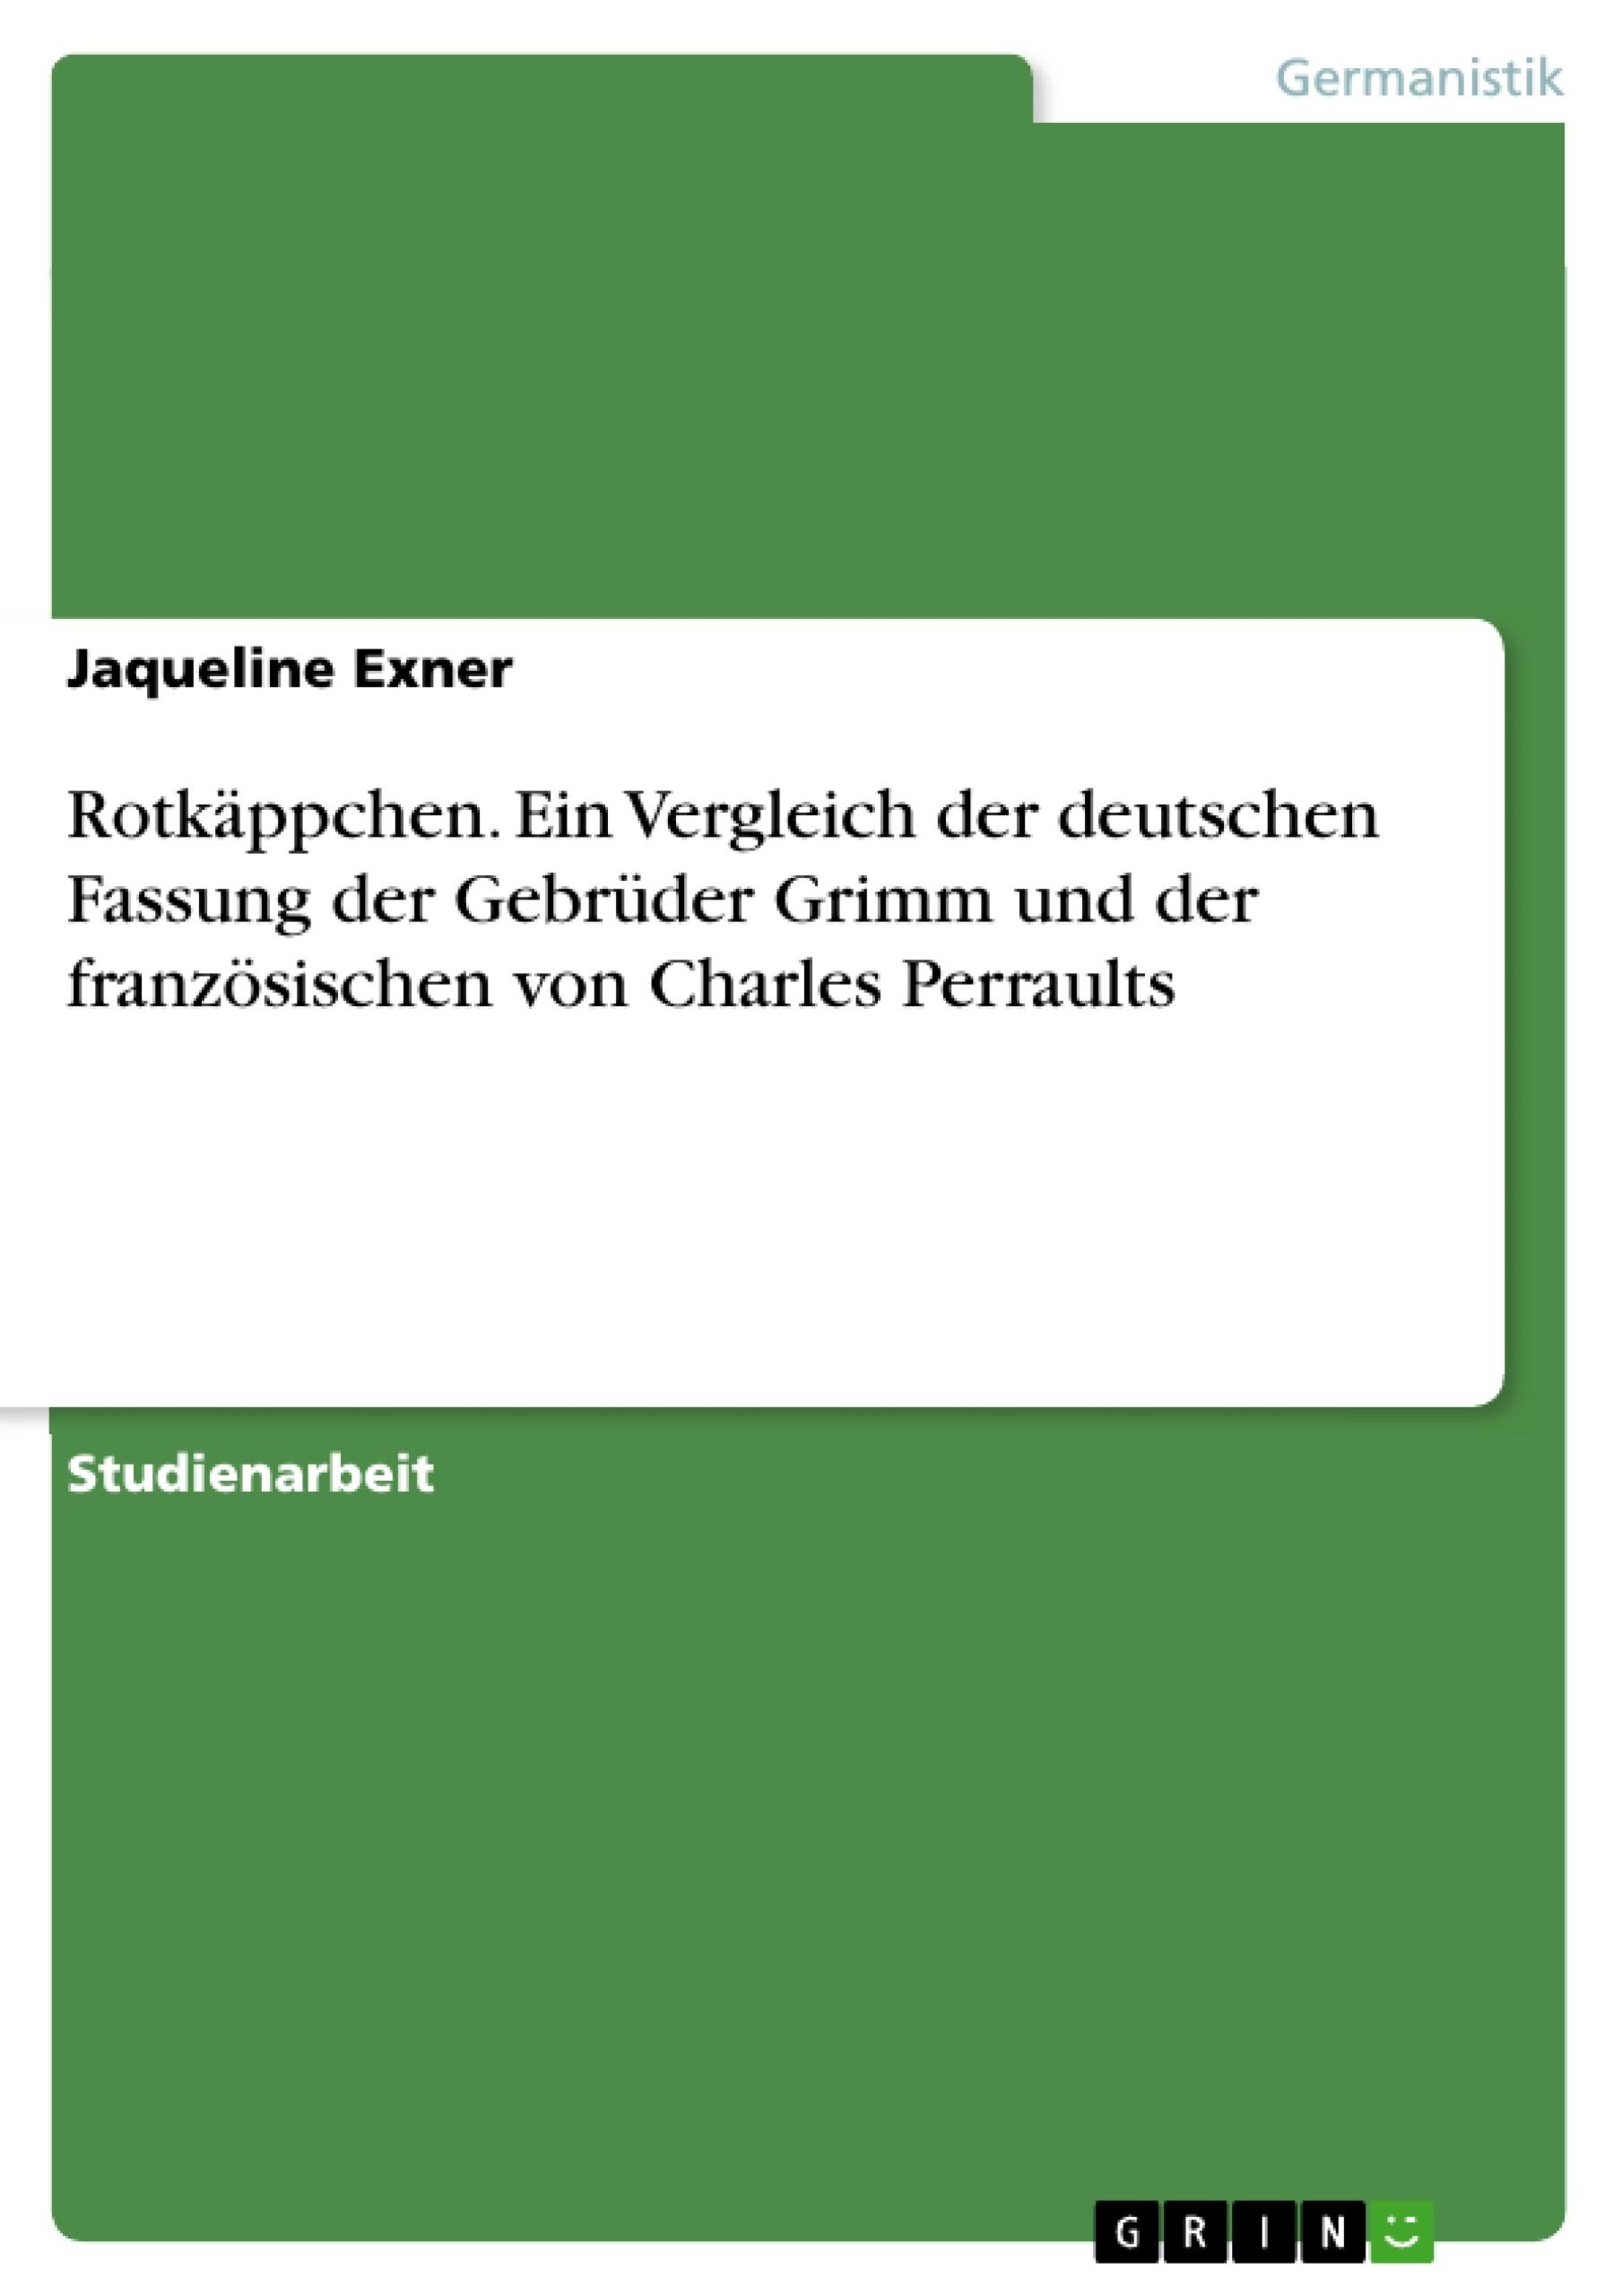 Titel: Rotkäppchen. Ein Vergleich der deutschen Fassung der Gebrüder Grimm und der französischen von Charles Perraults